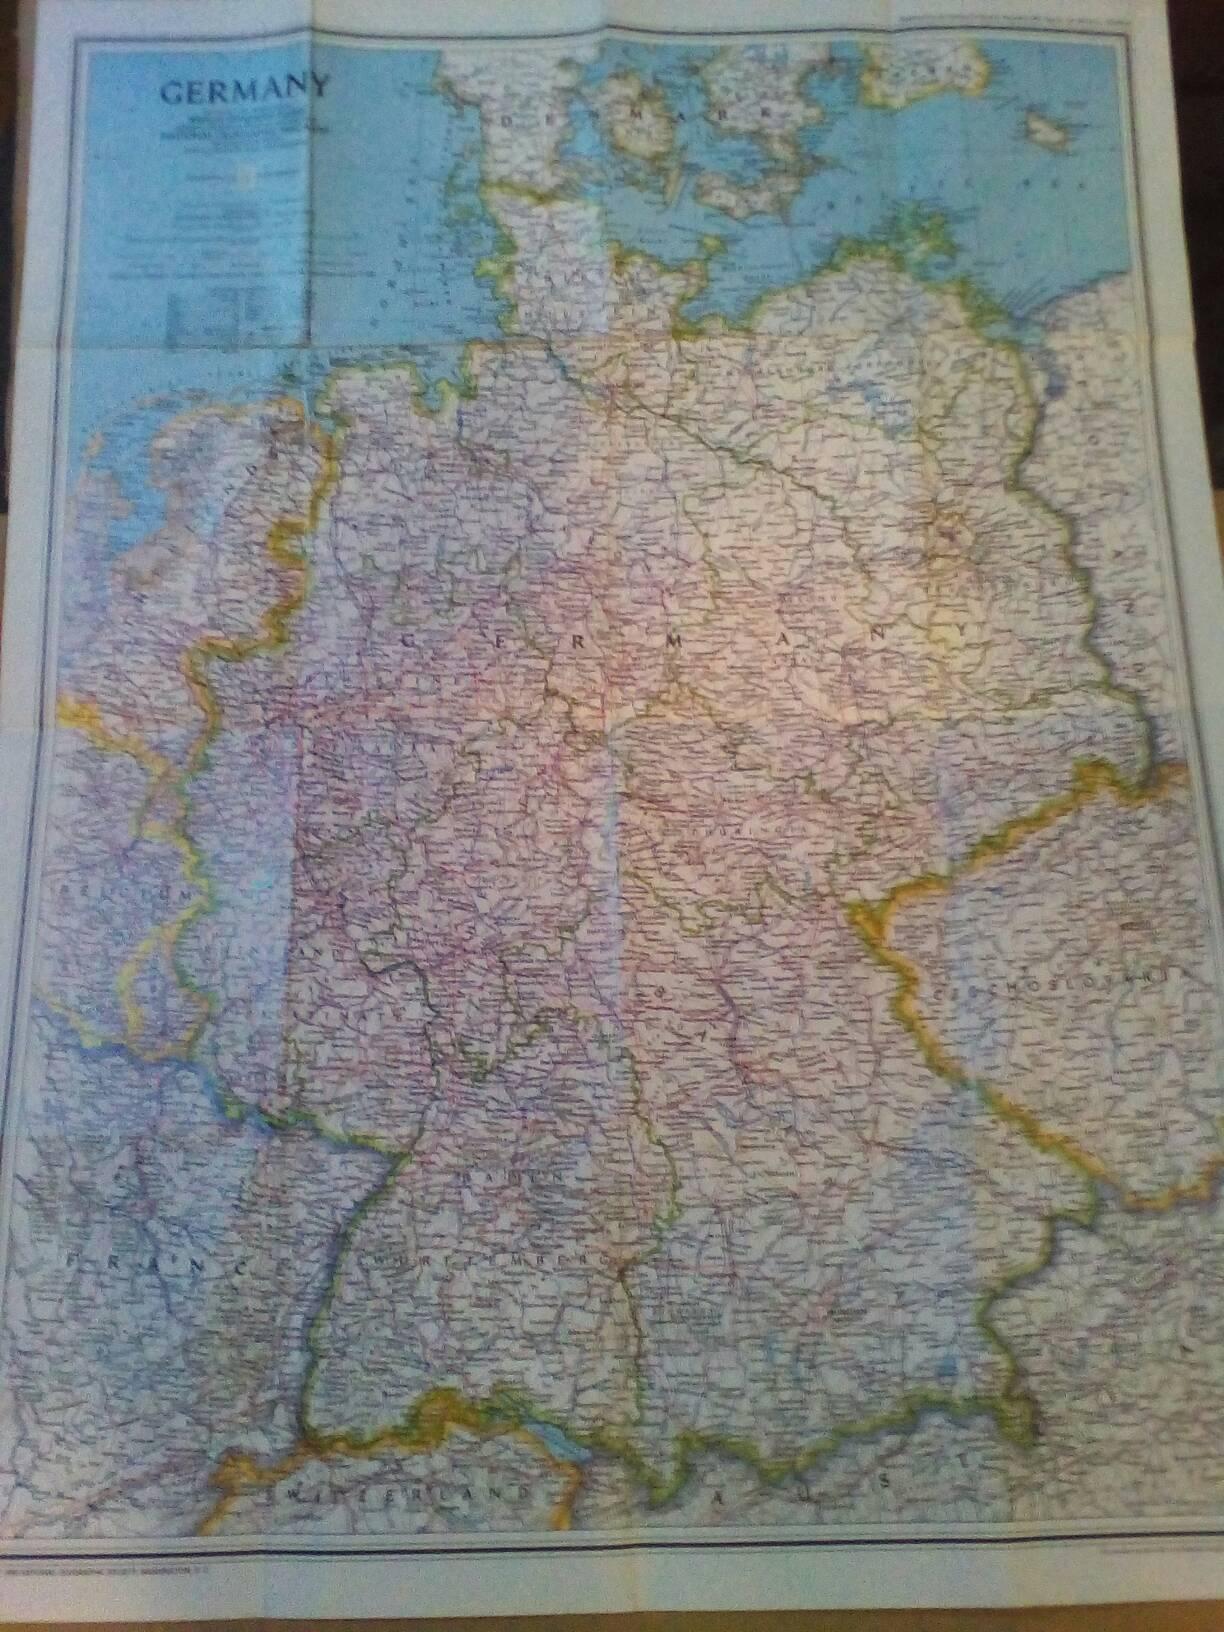 Automobili Oprema Mapa Nemacke 21 03 2020 Id 85284131